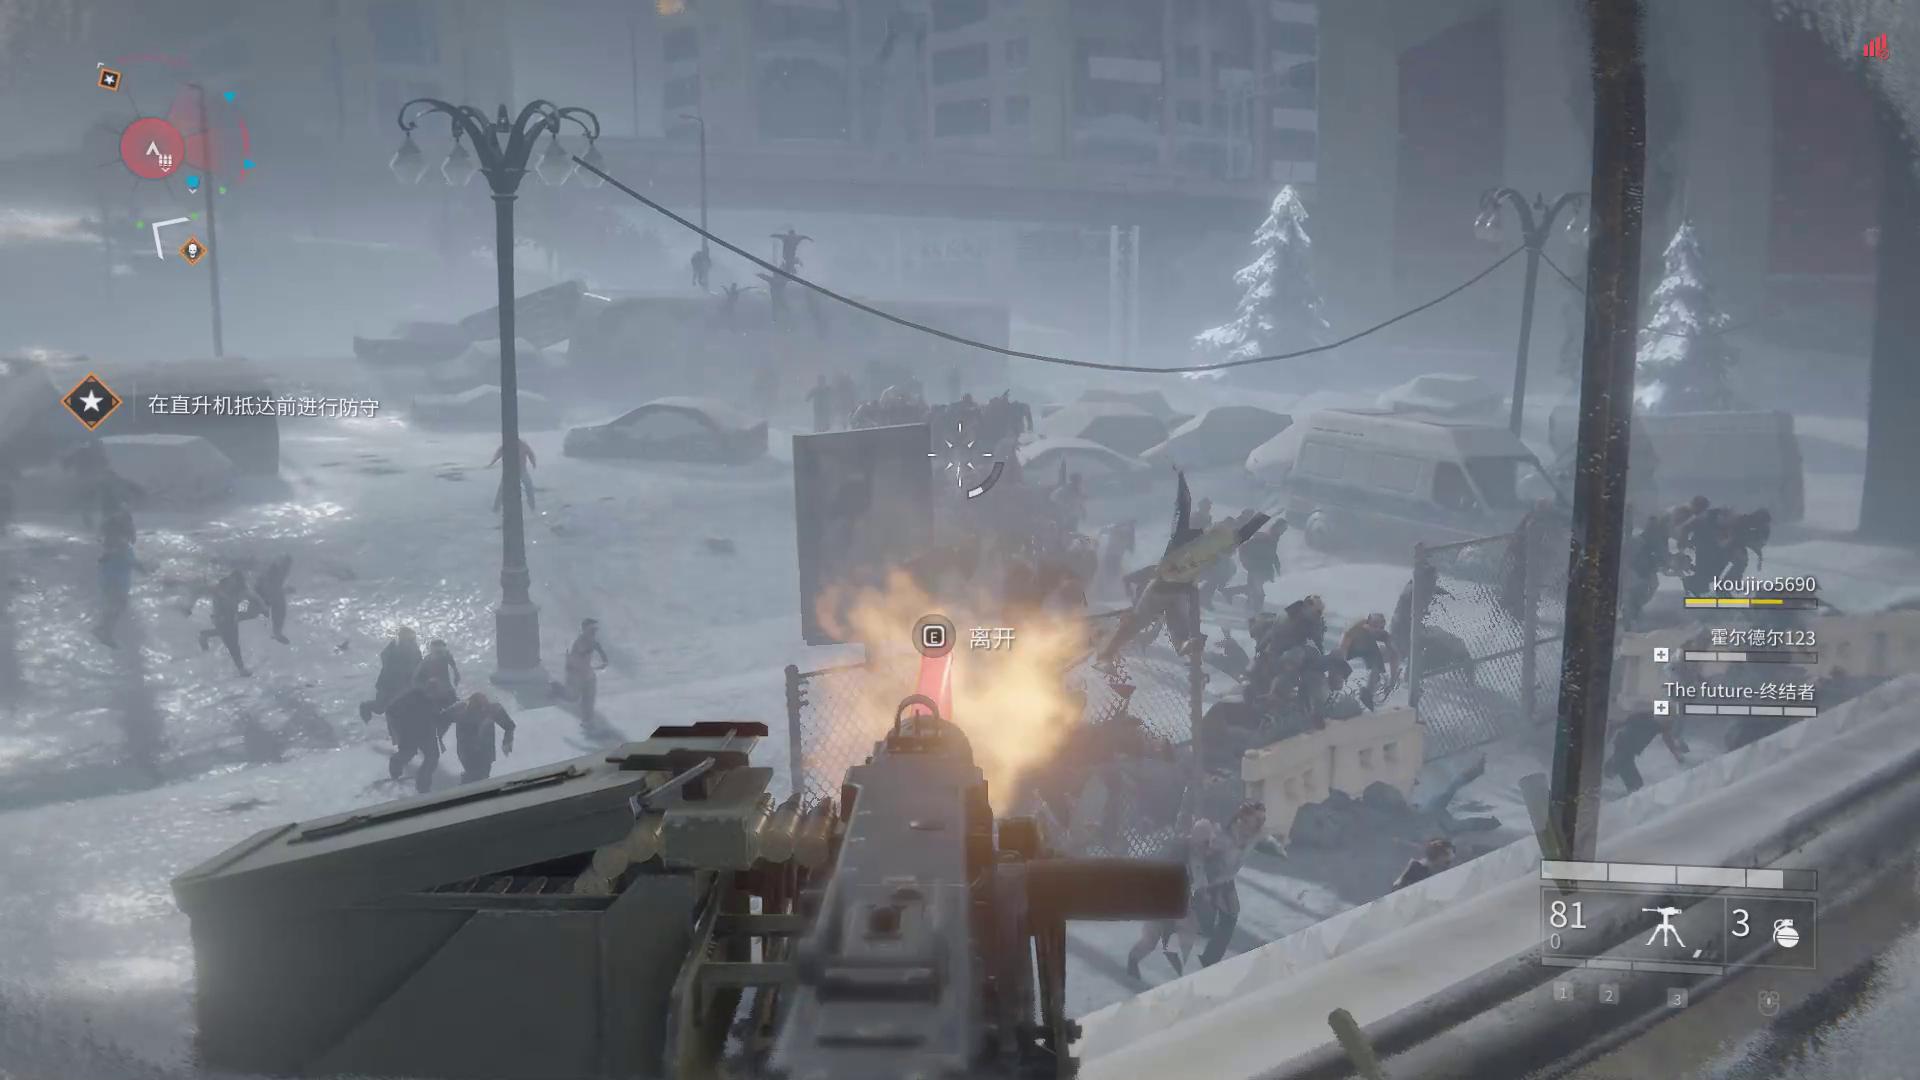 僵尸世界大战:再现电影级防御作战!尸群涌来,保护队友坚持下去